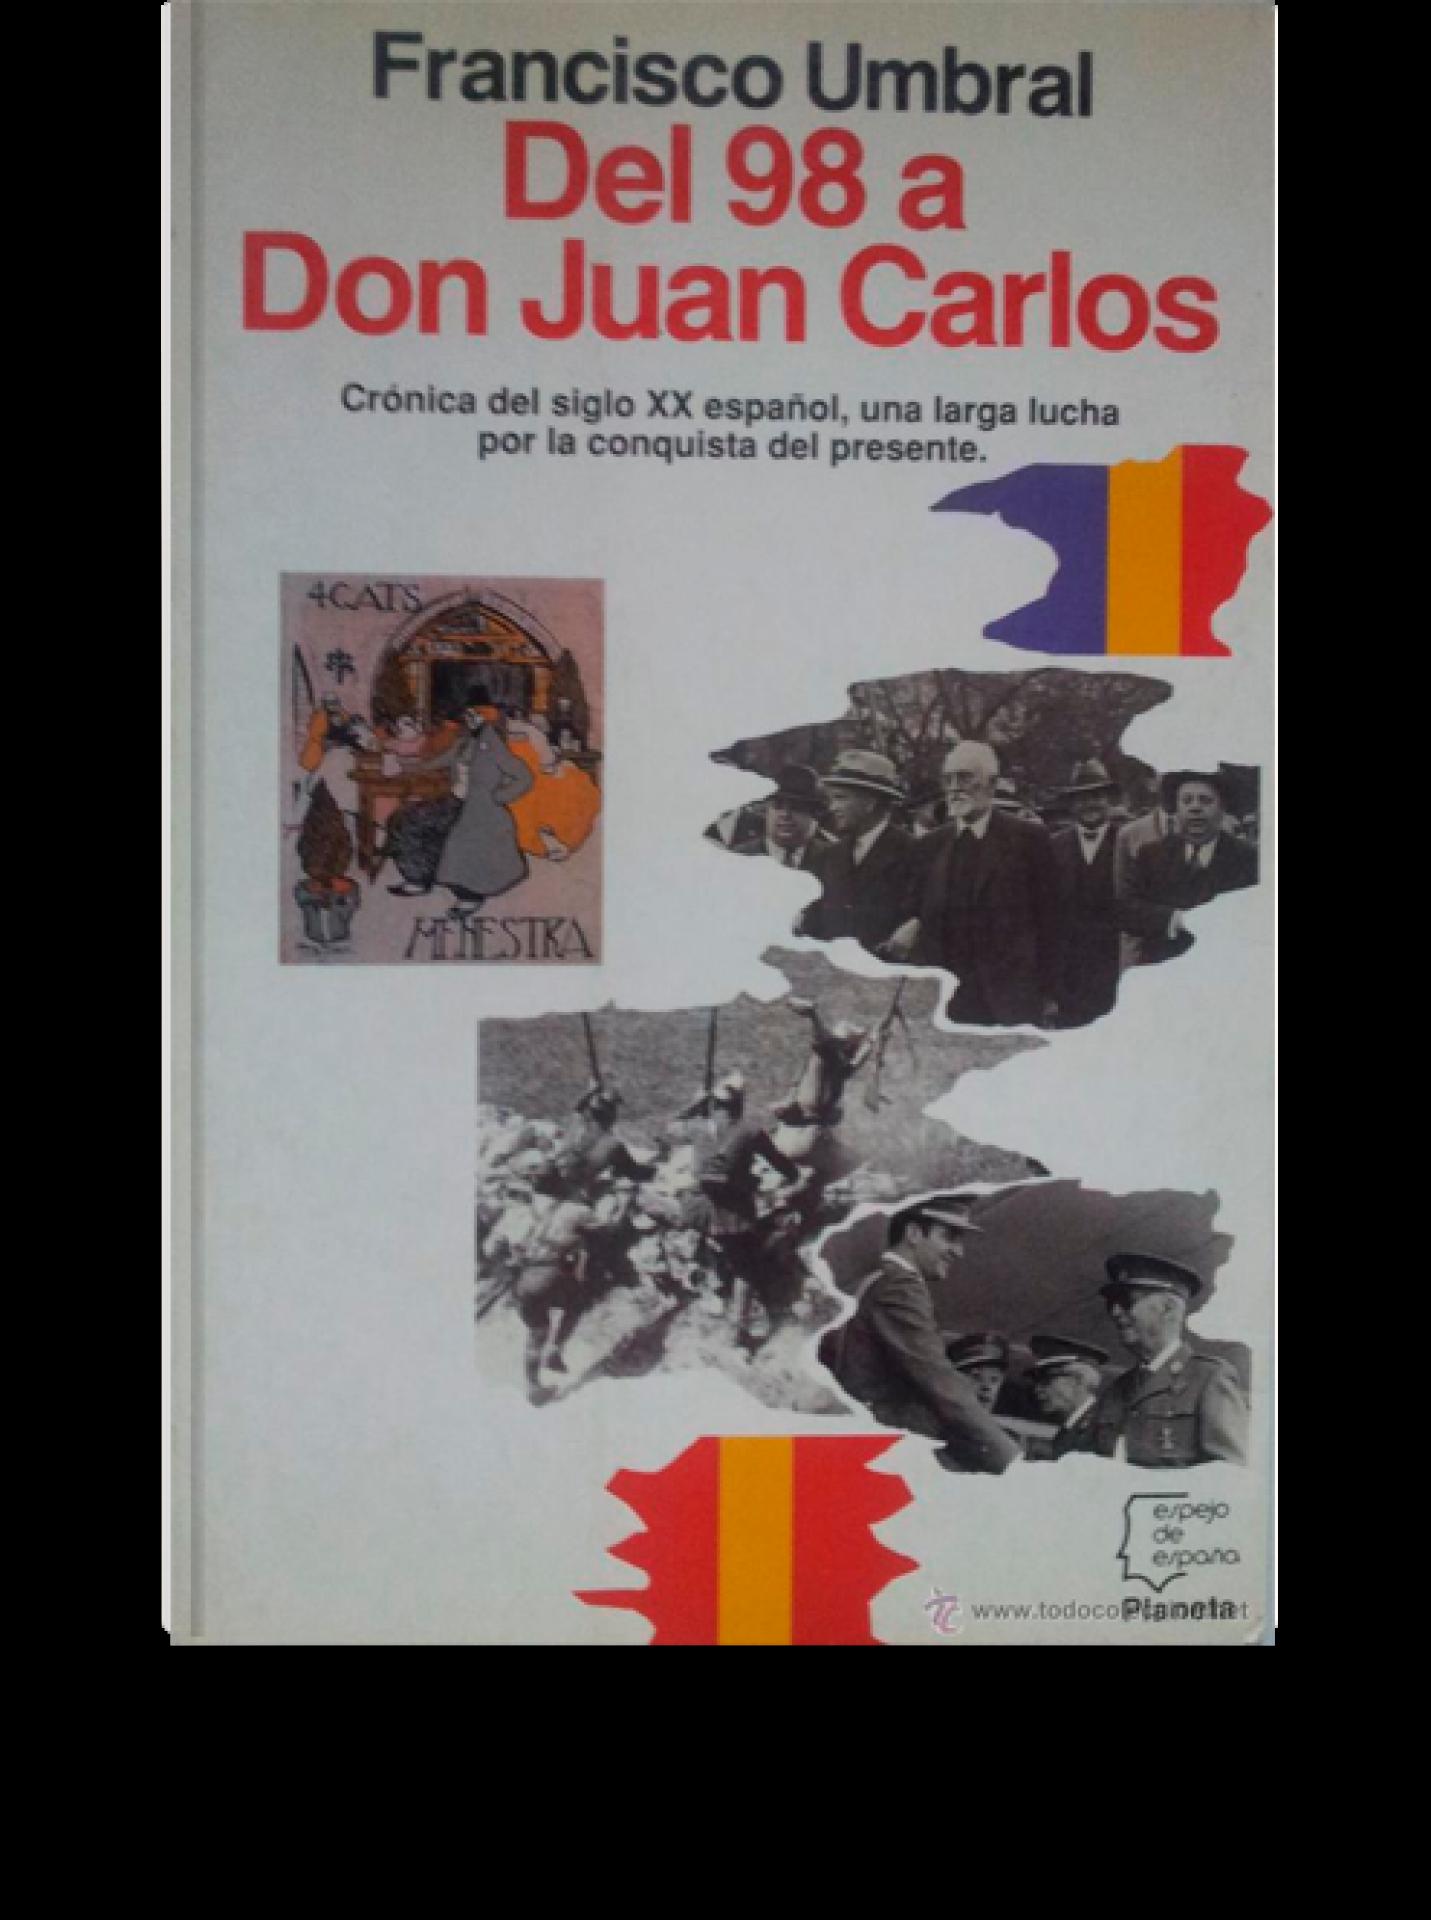 Del 98 a don Juan Carlos